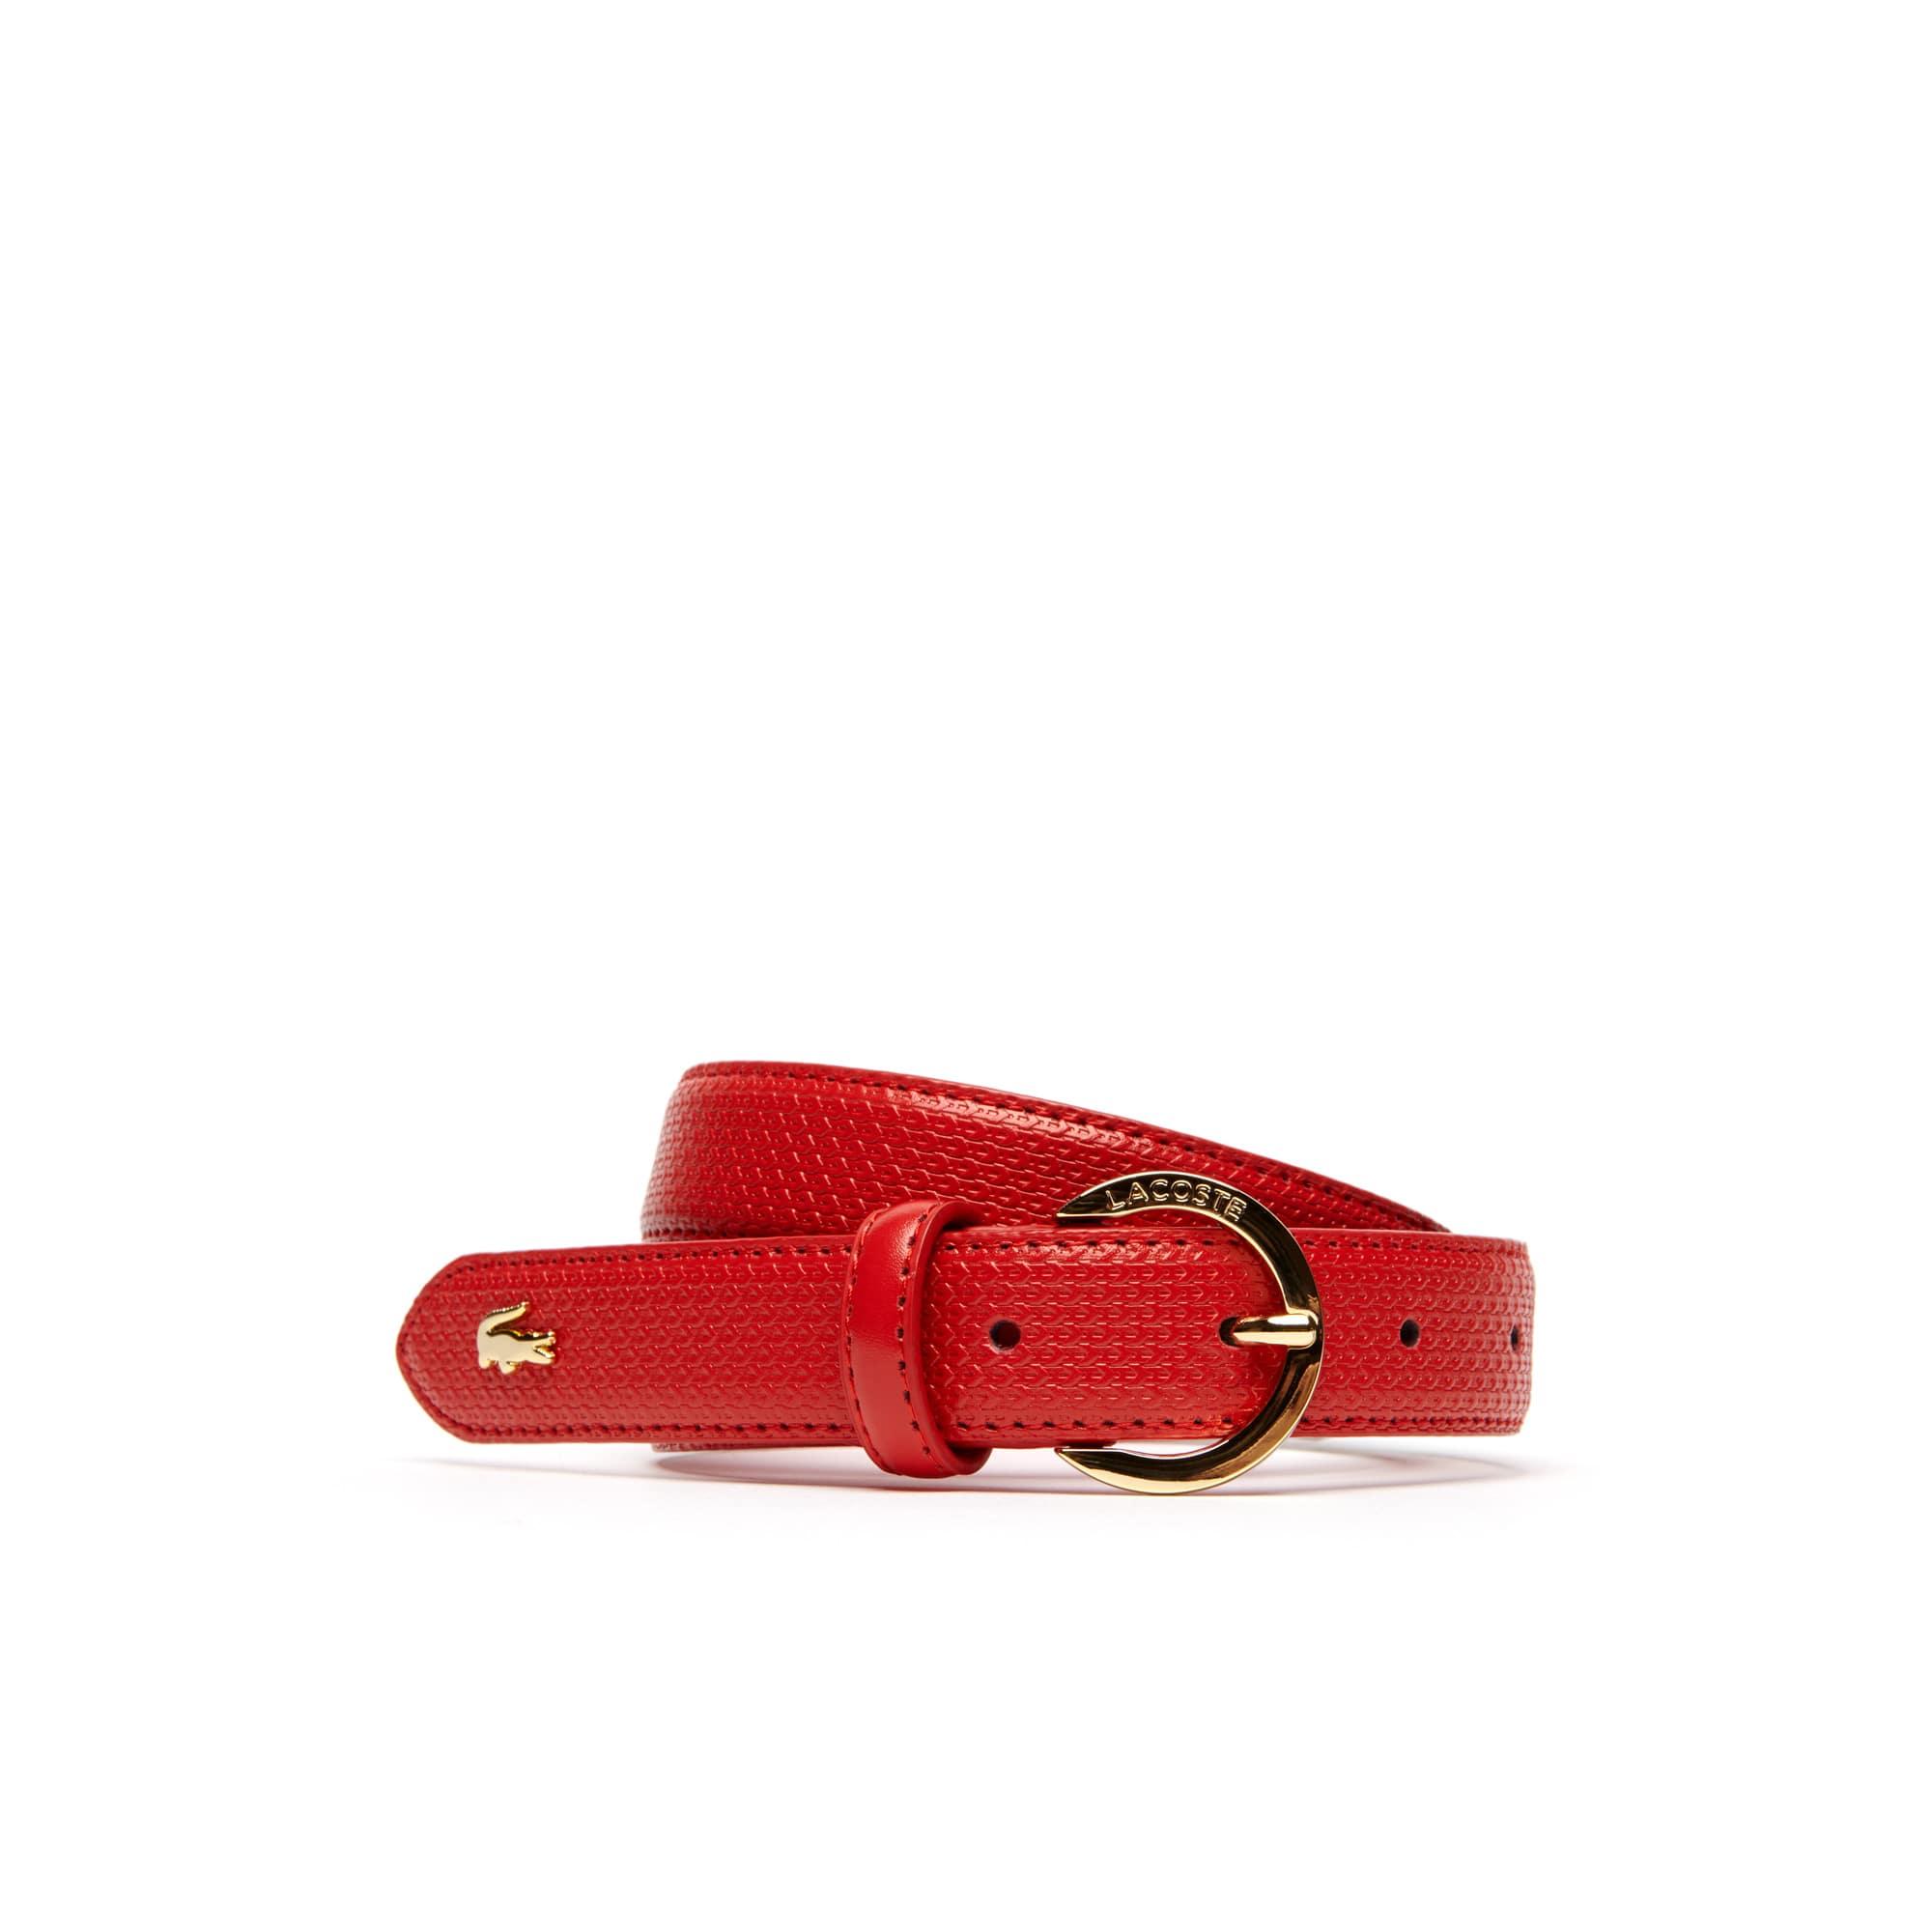 Chantaco Ledergürtel mit feinem Piqué-Druckmuster und goldfarbener Schnalle